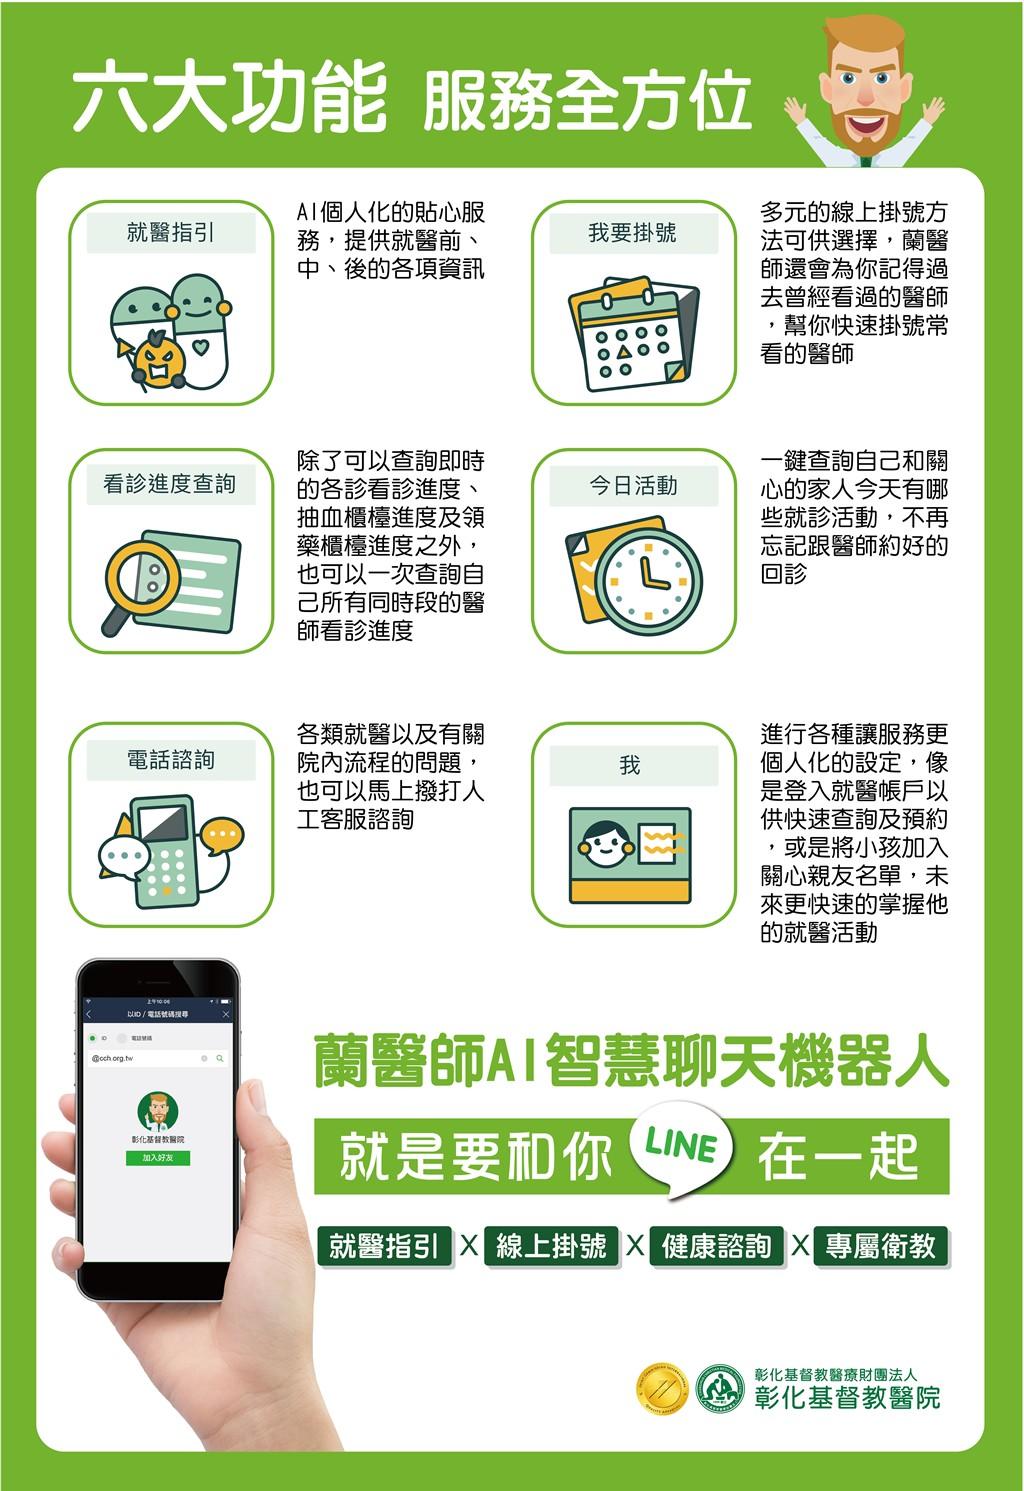 台灣宏達電攜手彰基醫院 透過LINE聊天機器人「蘭醫師」升級視訊診療